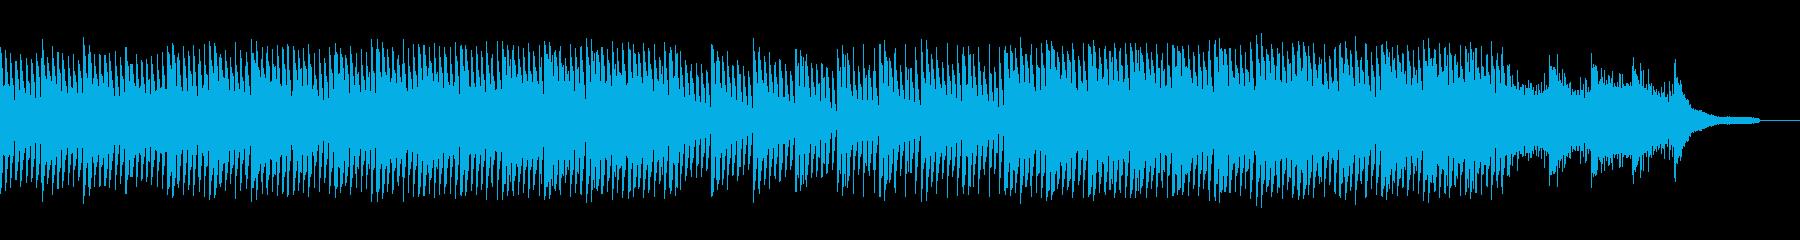 企業VP会社紹介 透明感爽やか疾走感A3の再生済みの波形